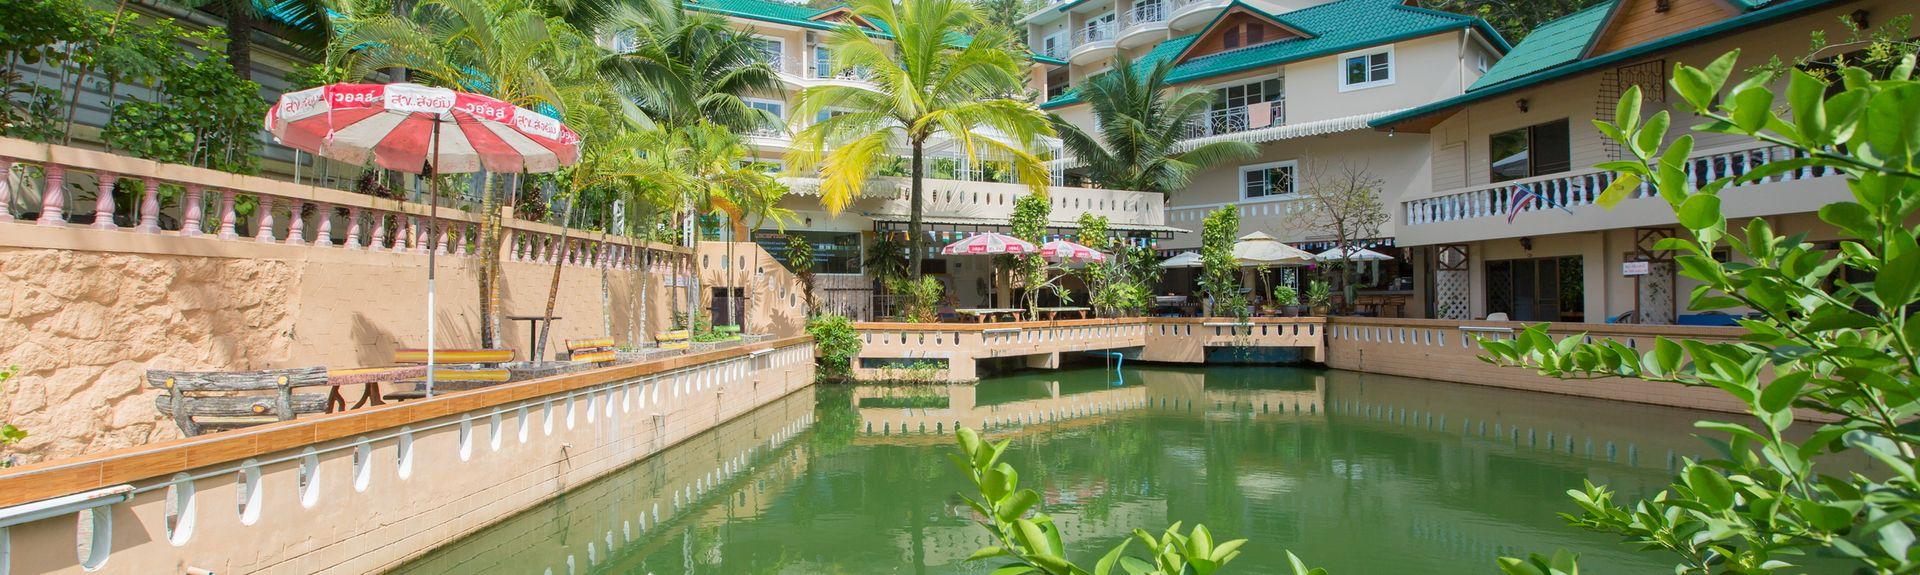 Rawai, Phuket Province, Thailand